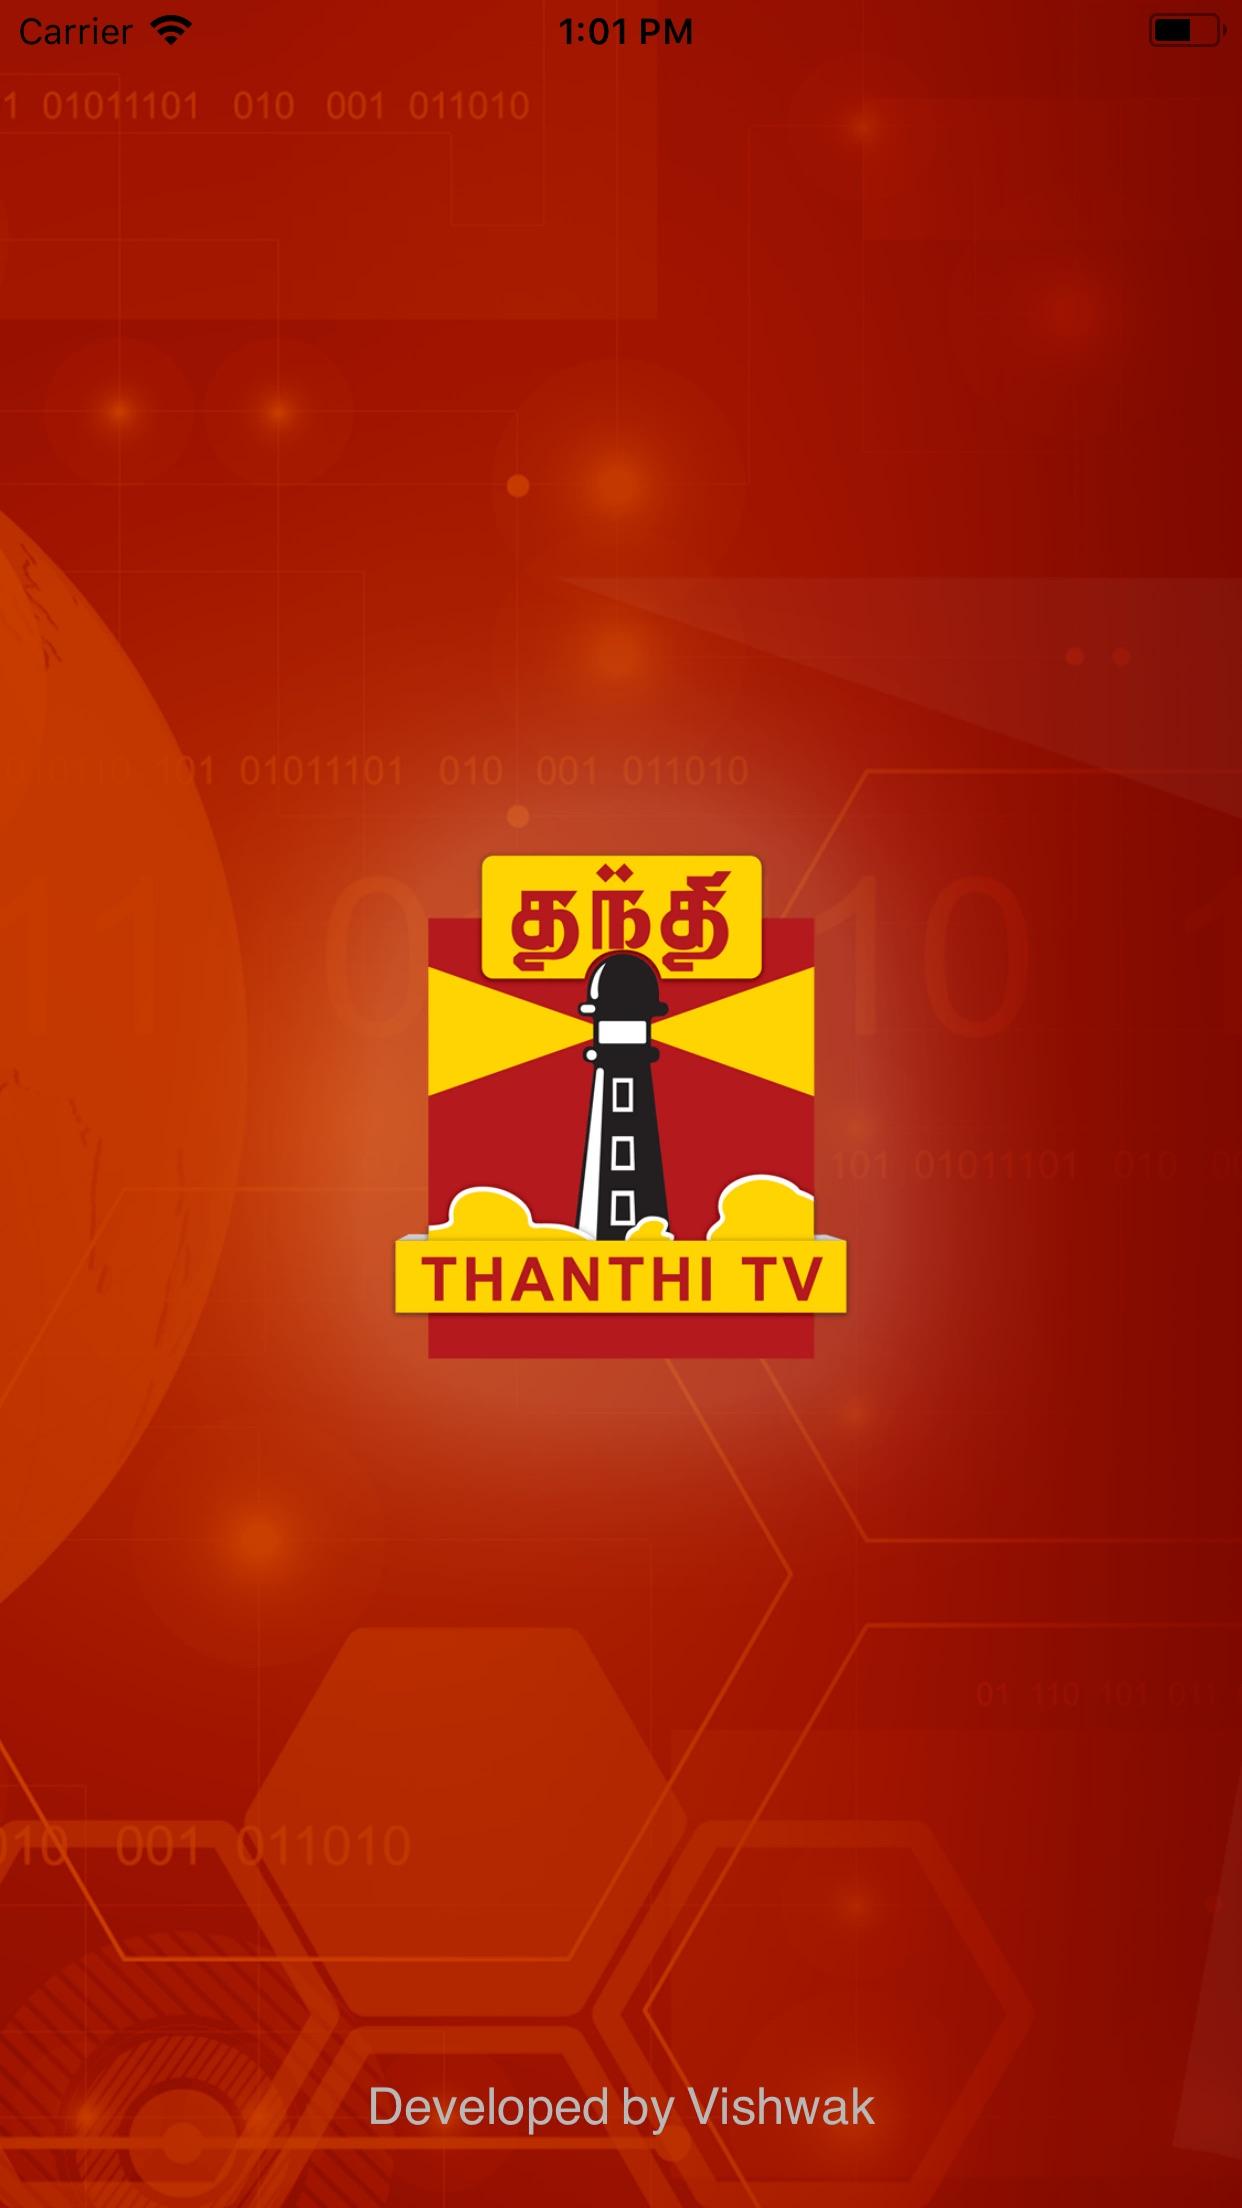 Thanthi TV Screenshot